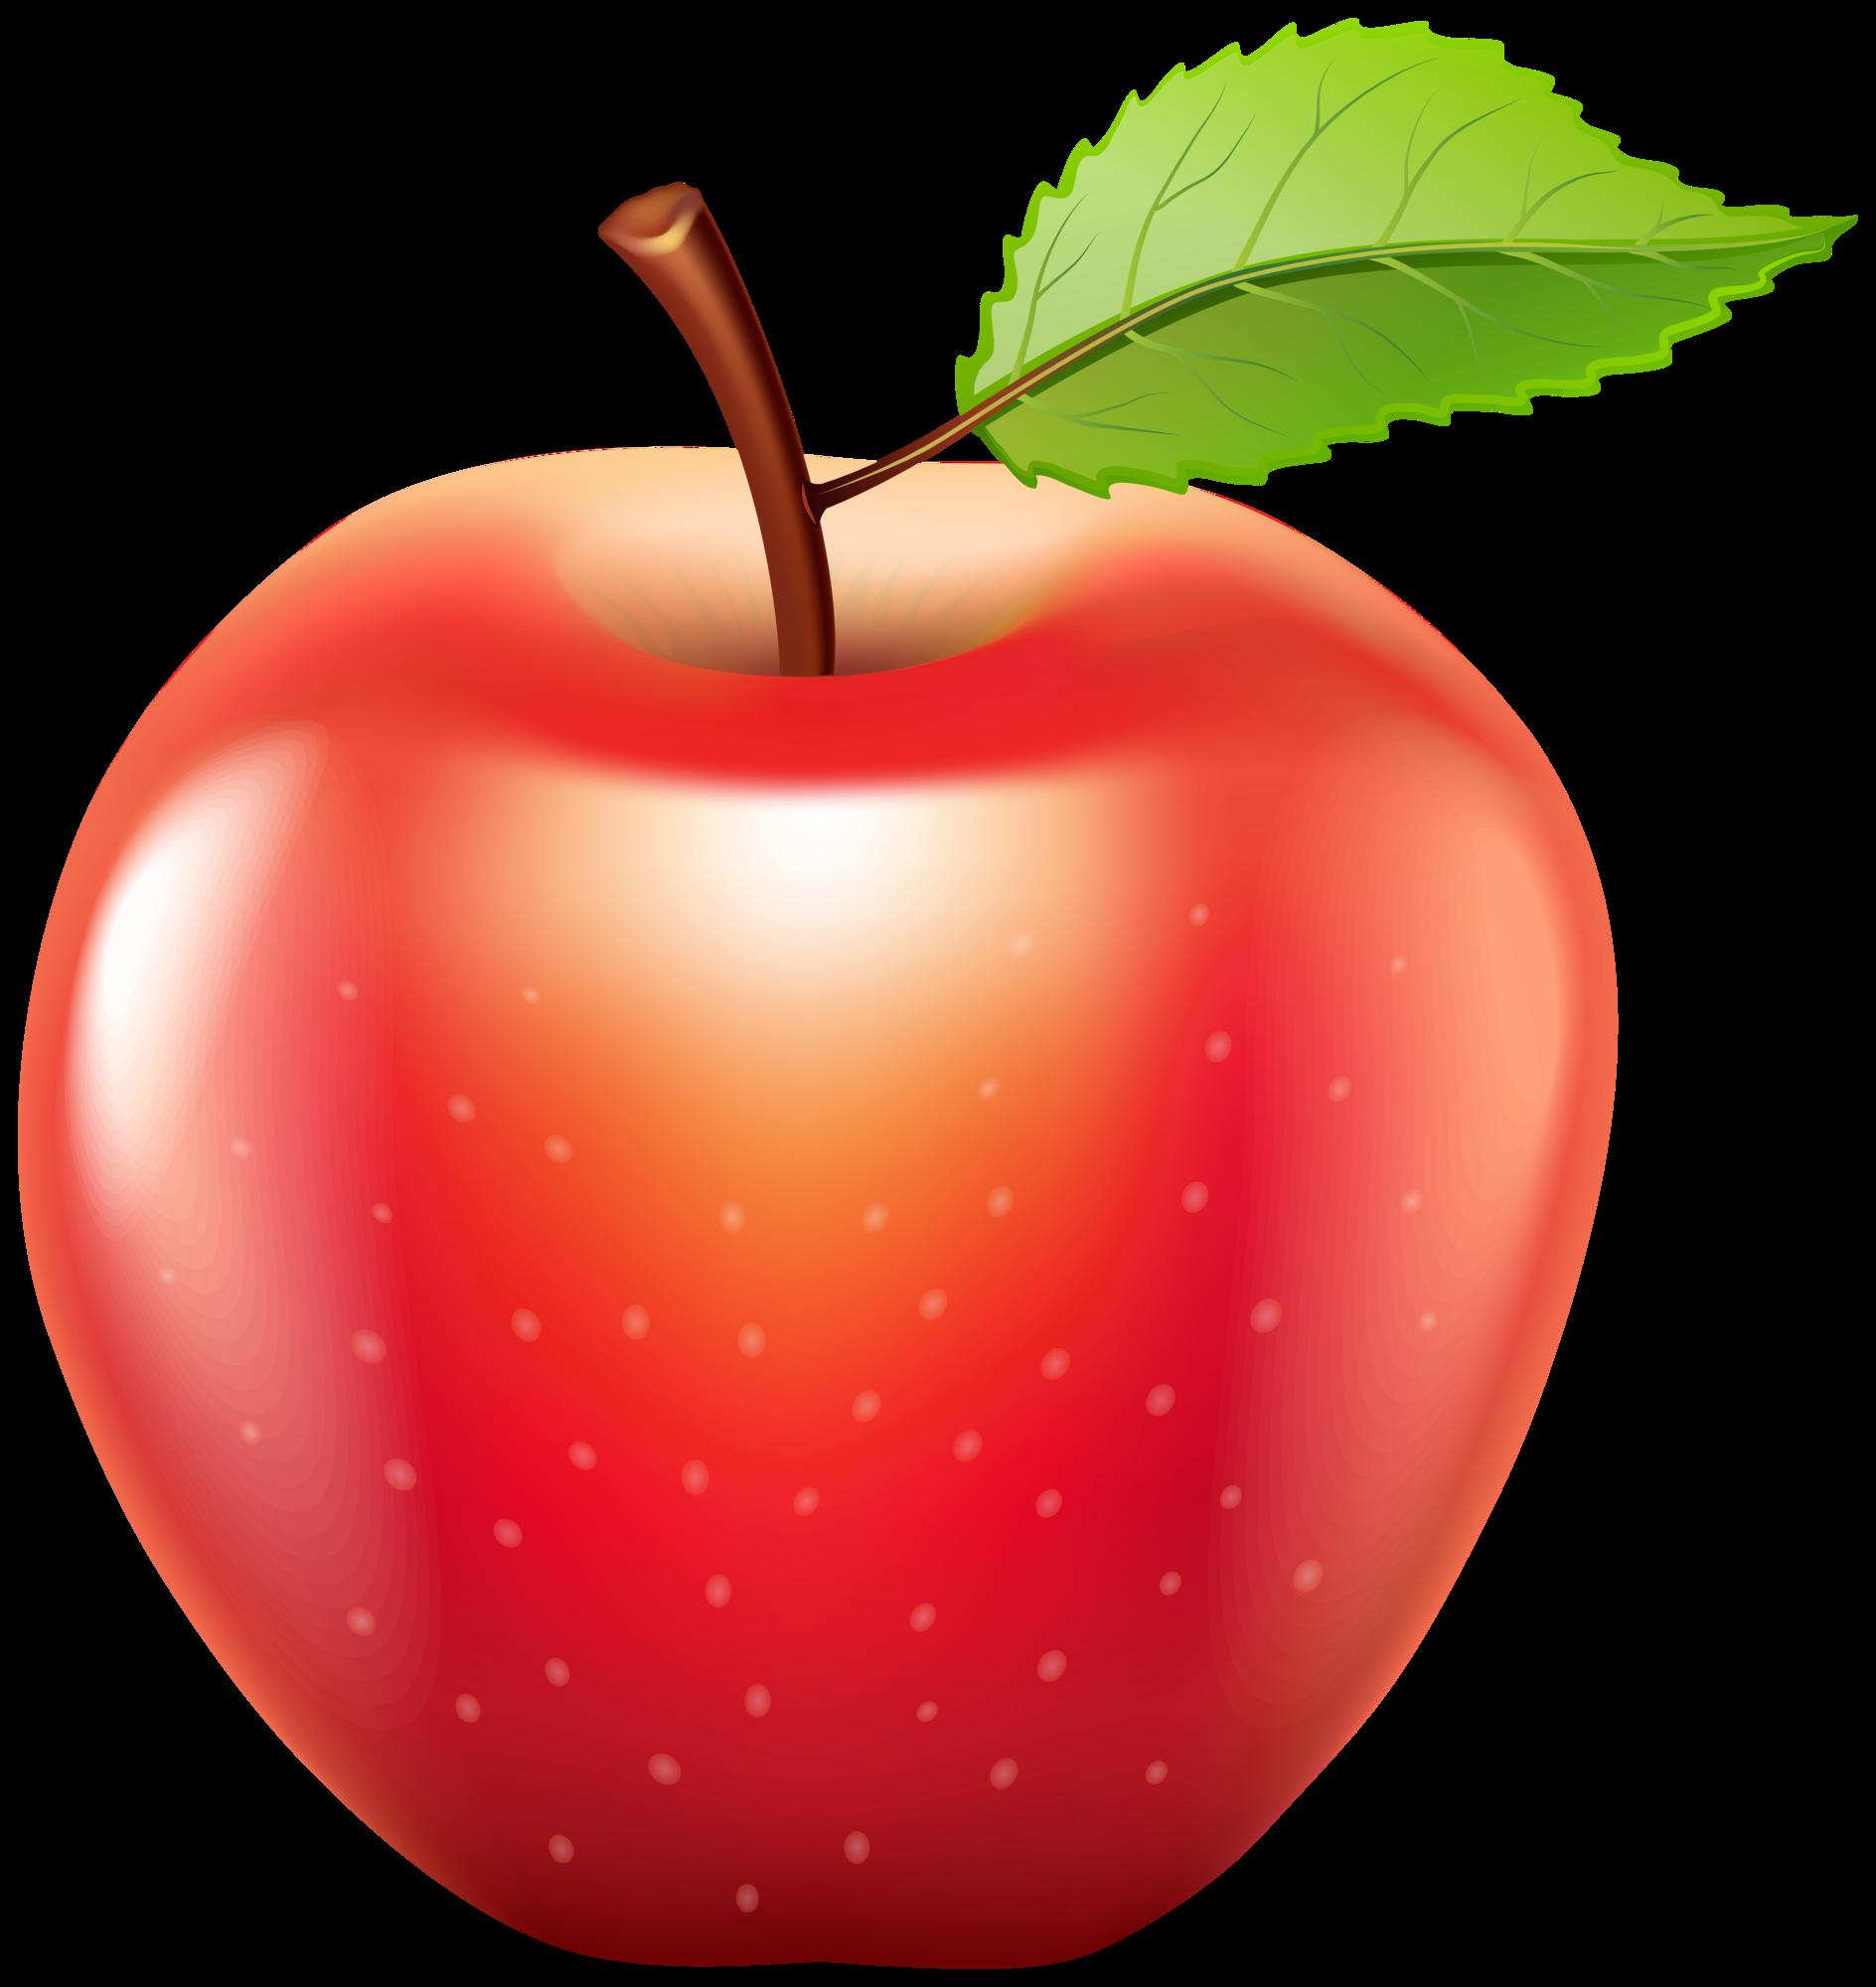 Png Apple Clipart Bunga Bunga Rajut Gambar